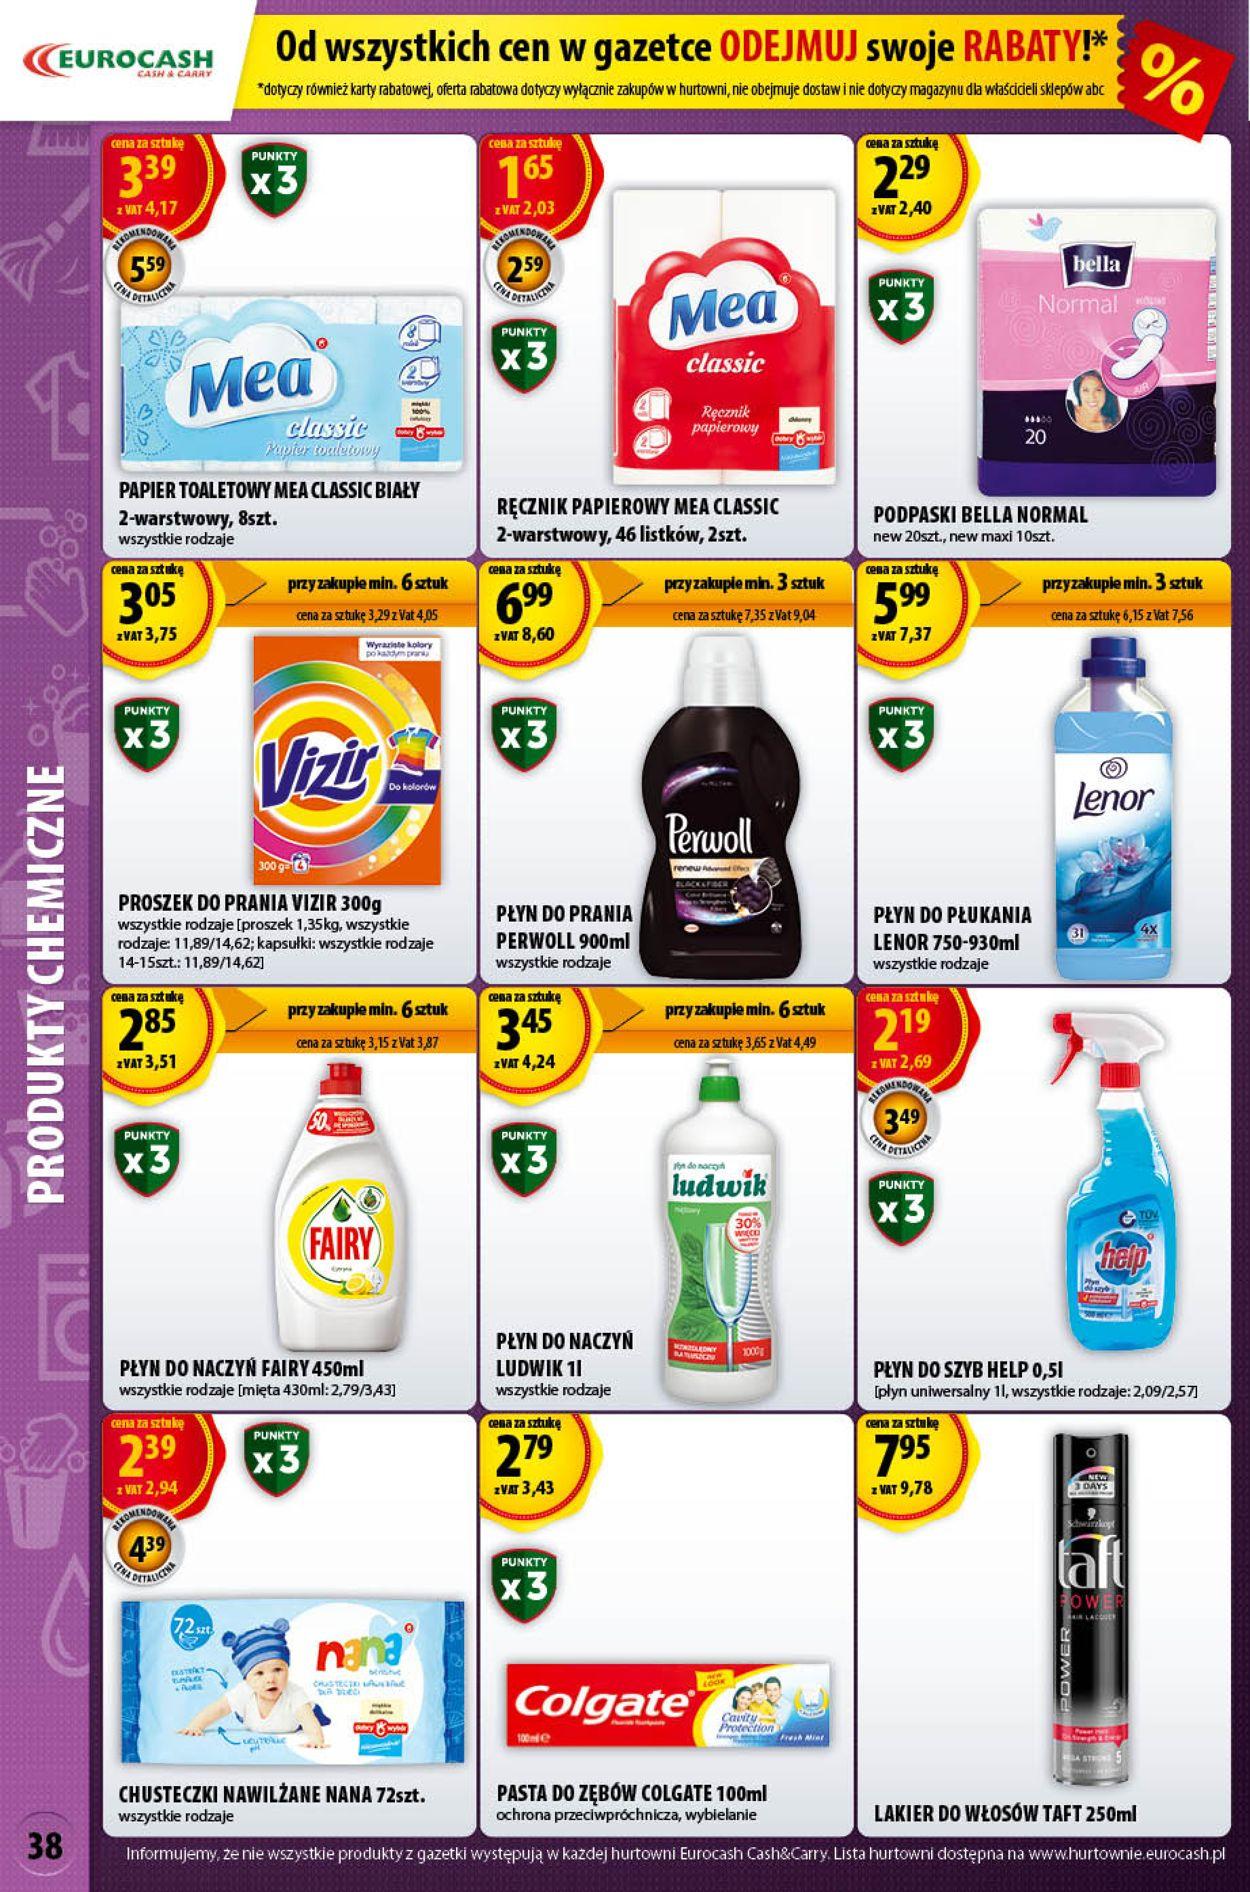 Gazetka promocyjna Eurocash - 26.07-09.08.2020 (Strona 38)